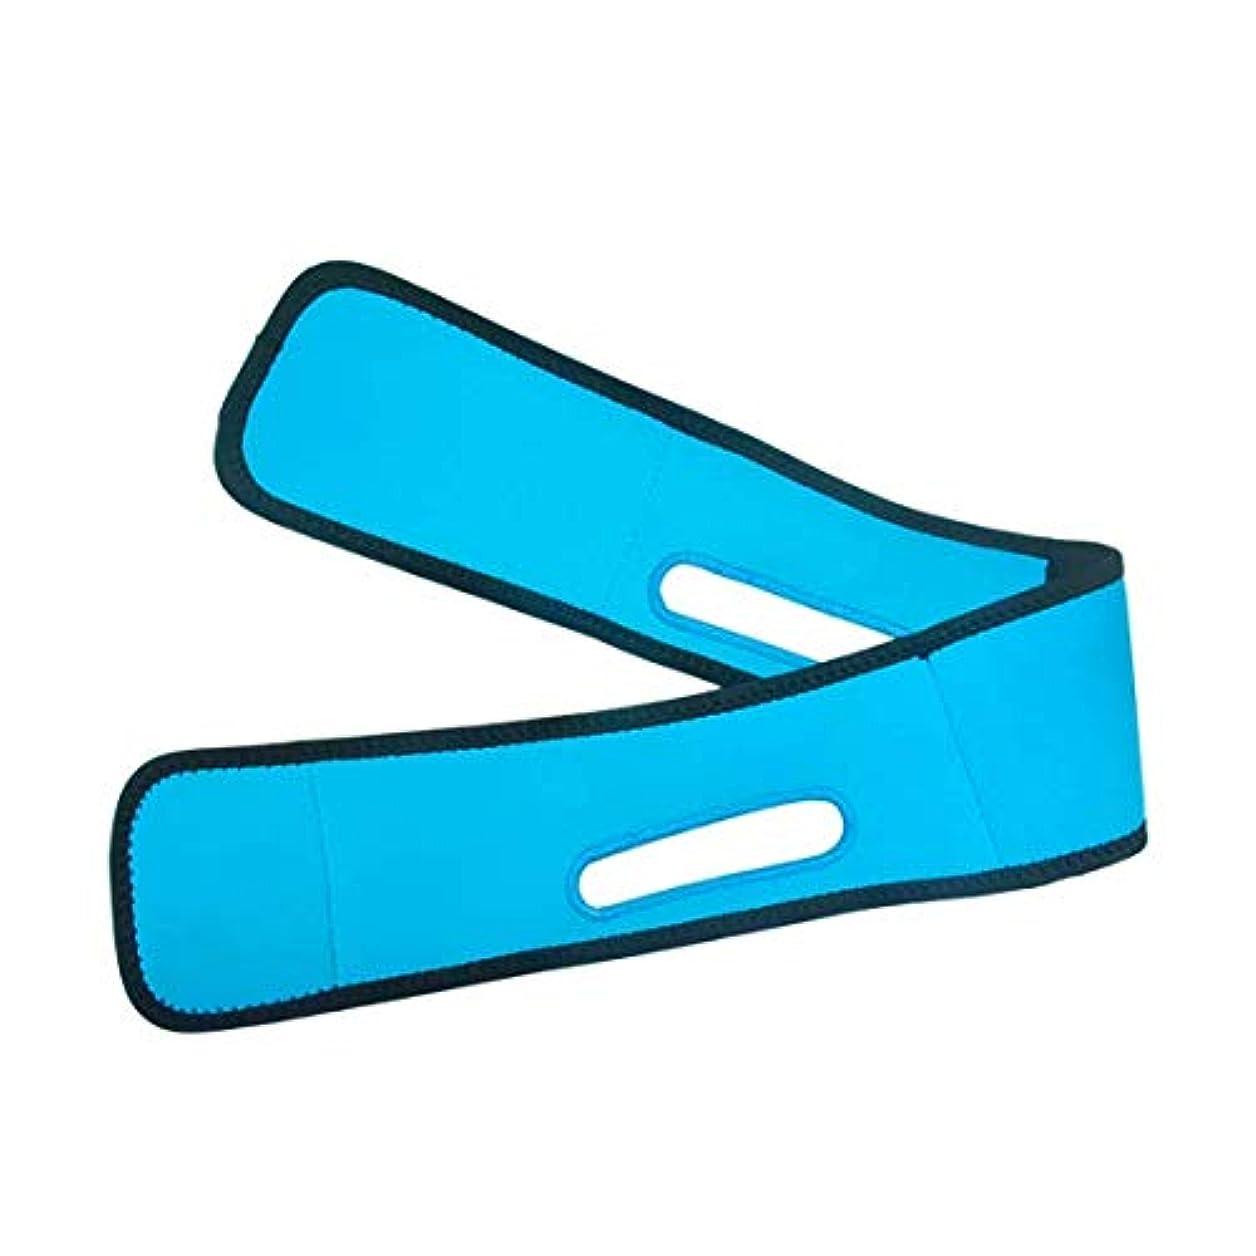 ネブレイそれスリミングベルト、フェイスマスクVフェイスアーティファクトマッサージマスクで顎の筋肉の収縮を強化し、Vフェイスリフトのタイトな包帯を簡単に形成